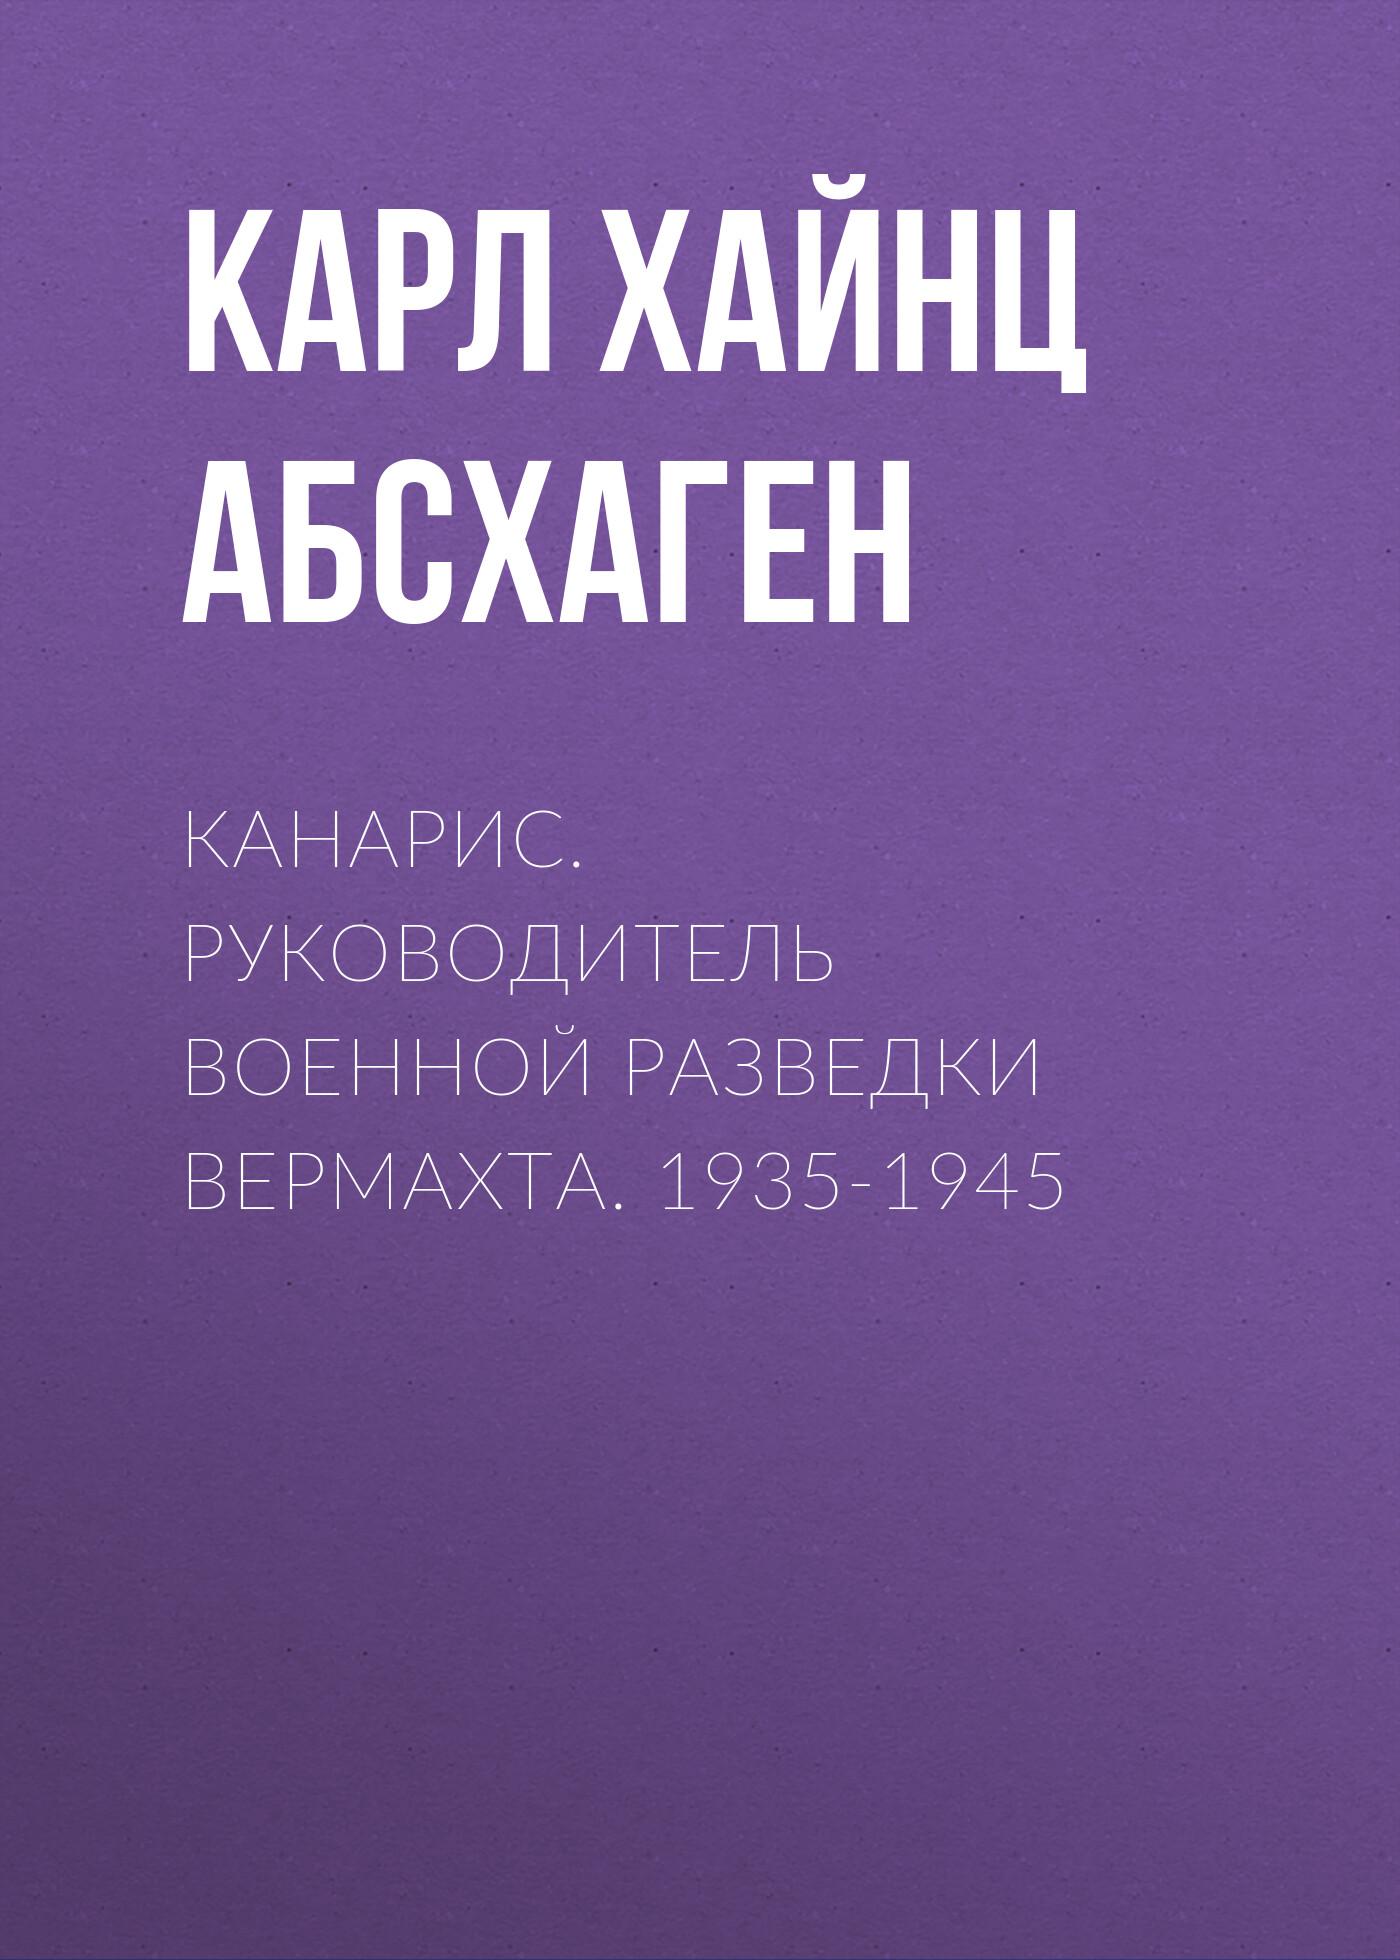 Канарис. Руководитель военной разведки вермахта. 1935-1945